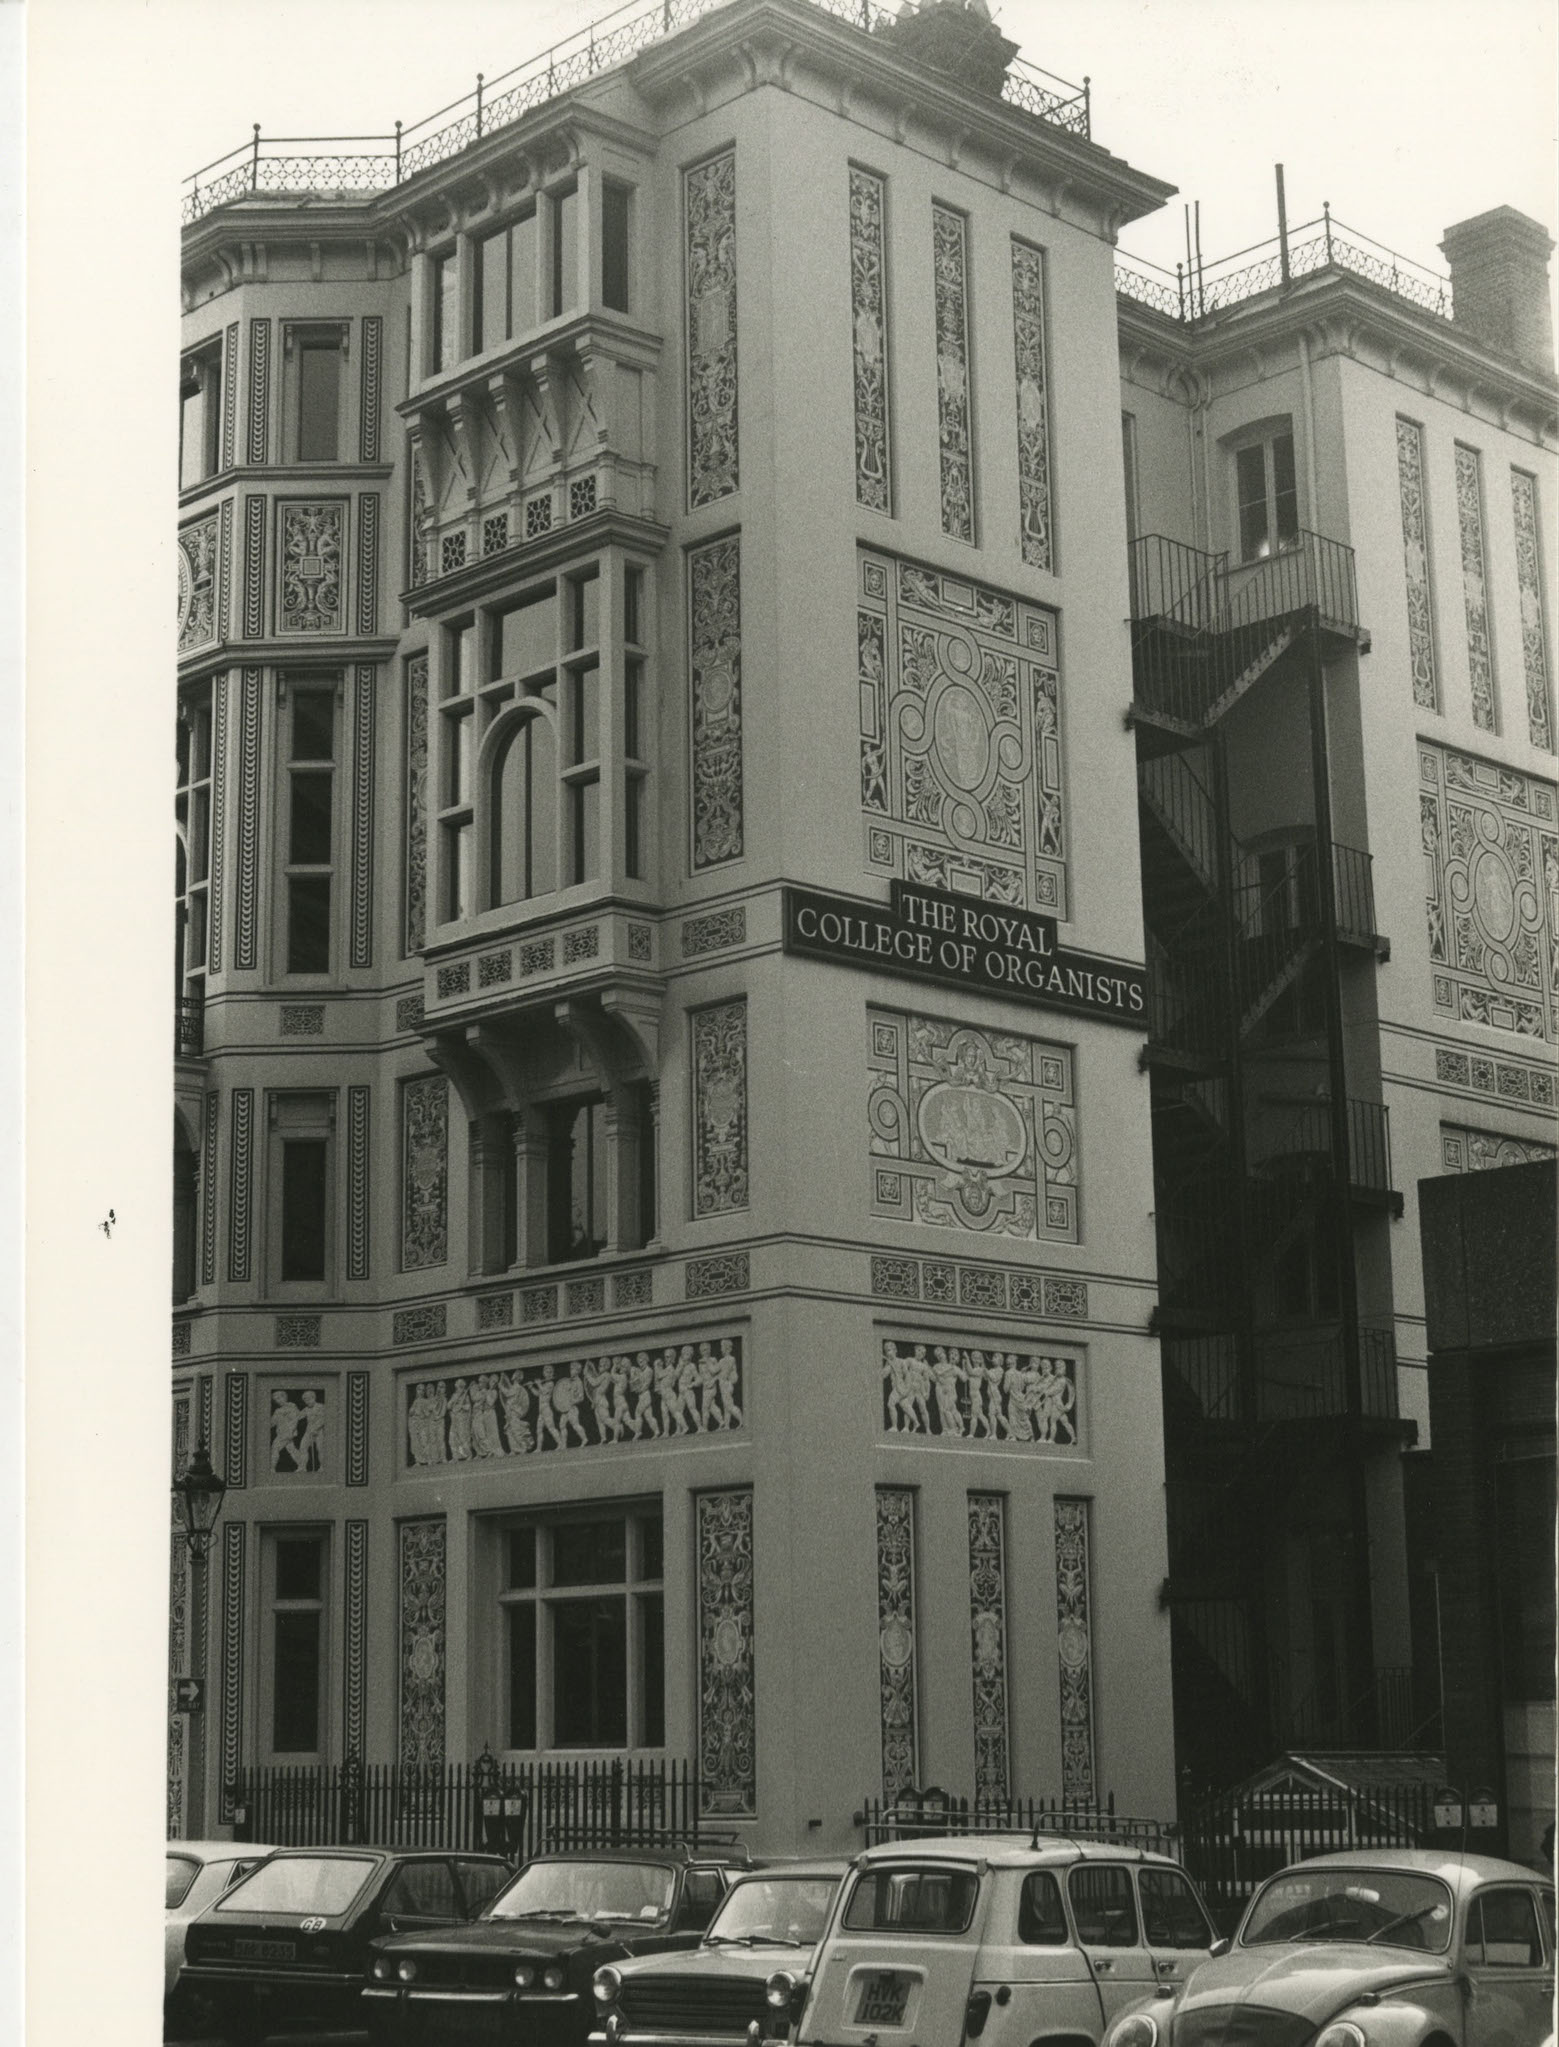 Vico Magistretti, Londra, 1980.